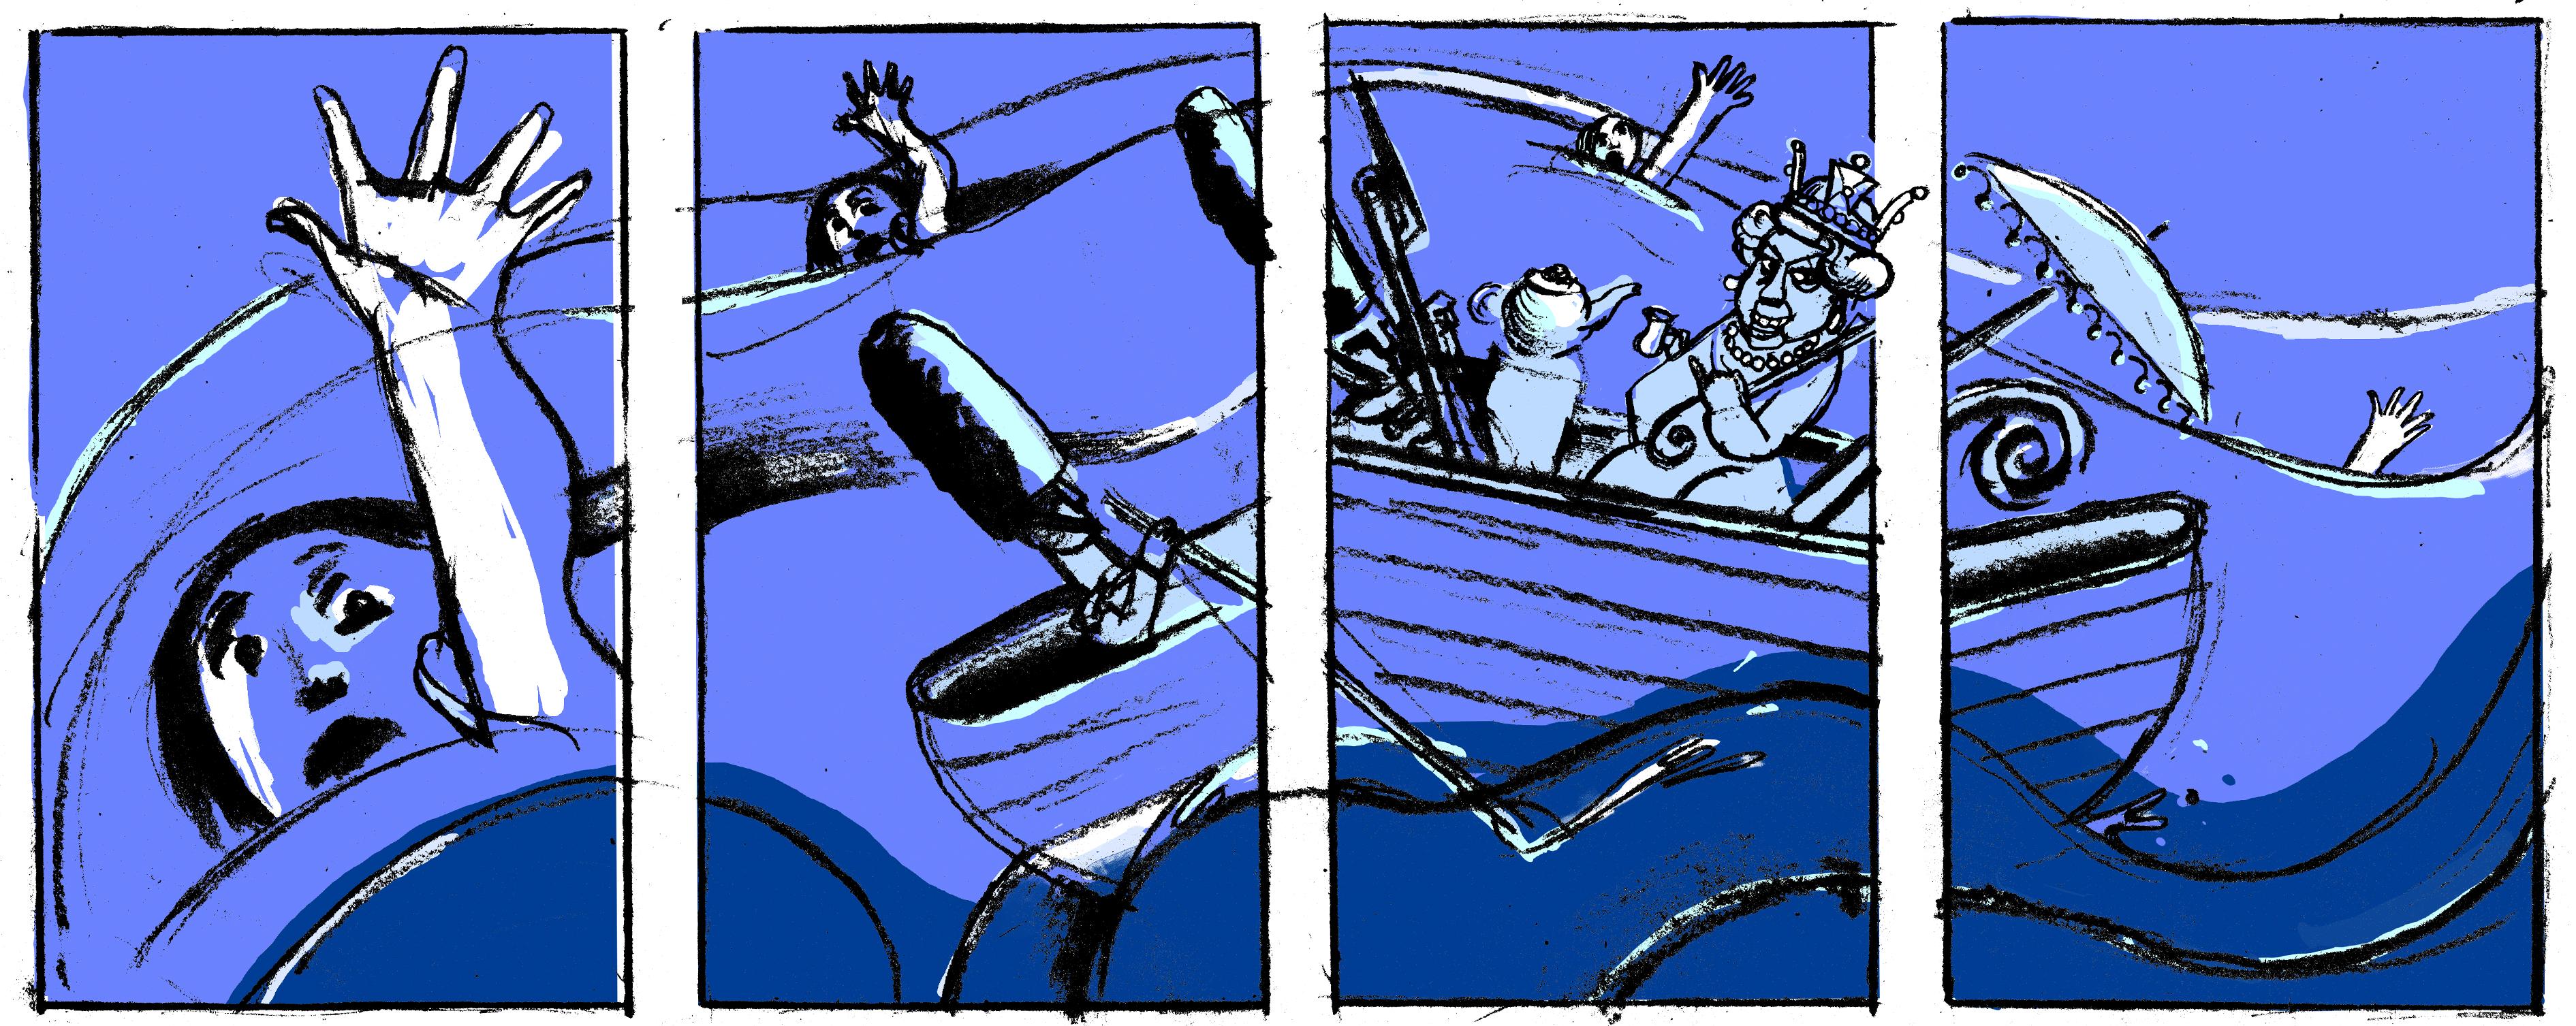 Personas an�nimas se ahogan en el oc�ano mientras la reina de Inglaterra navega en un bote